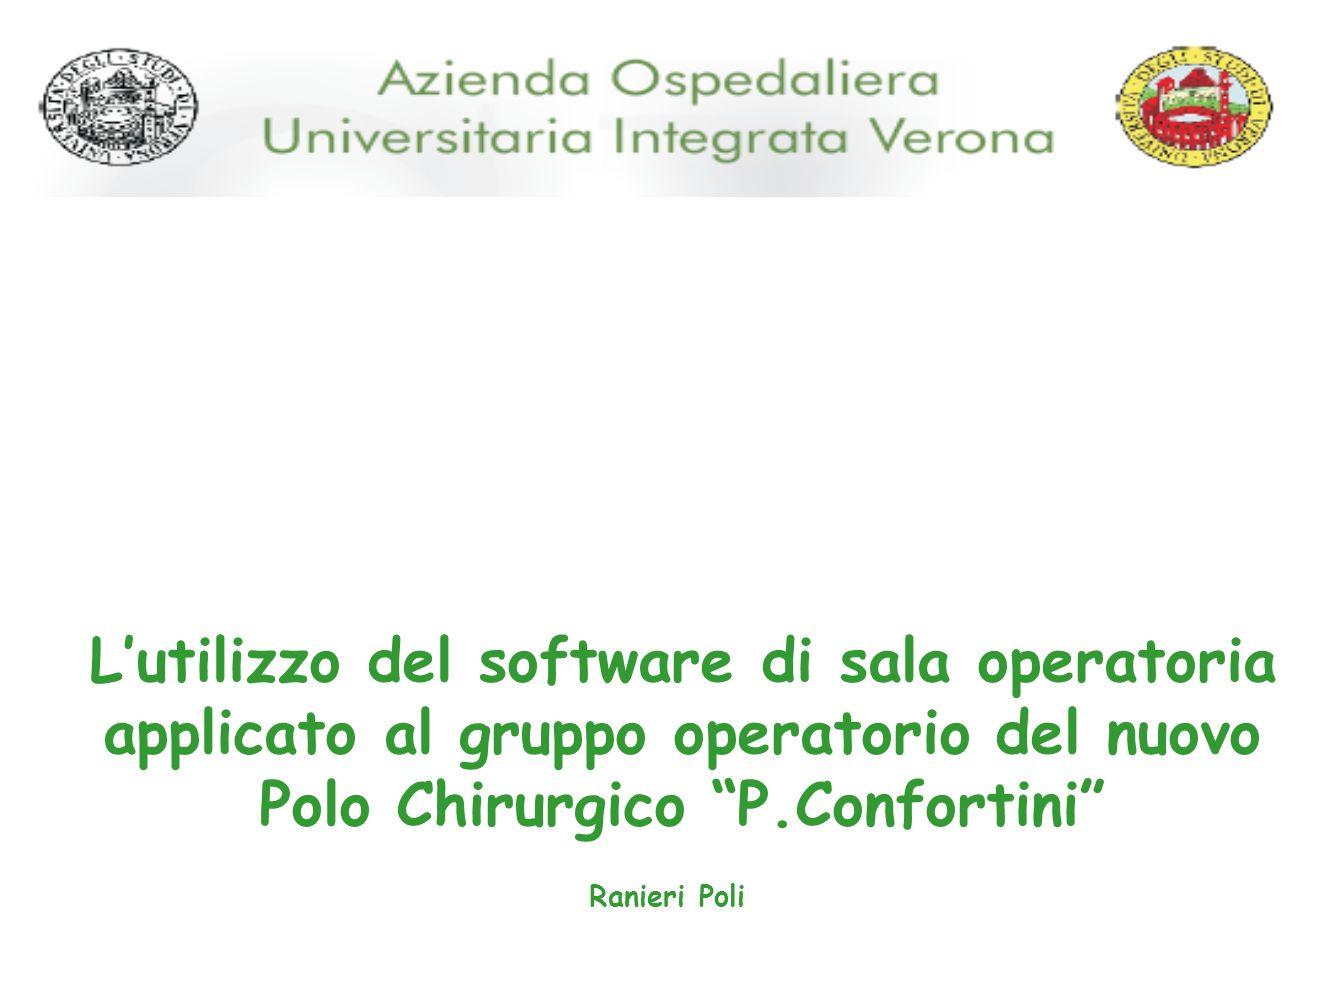 Lutilizzo del software di sala operatoria applicato al gruppo operatorio del nuovo Polo Chirurgico P.Confortini Ranieri Poli